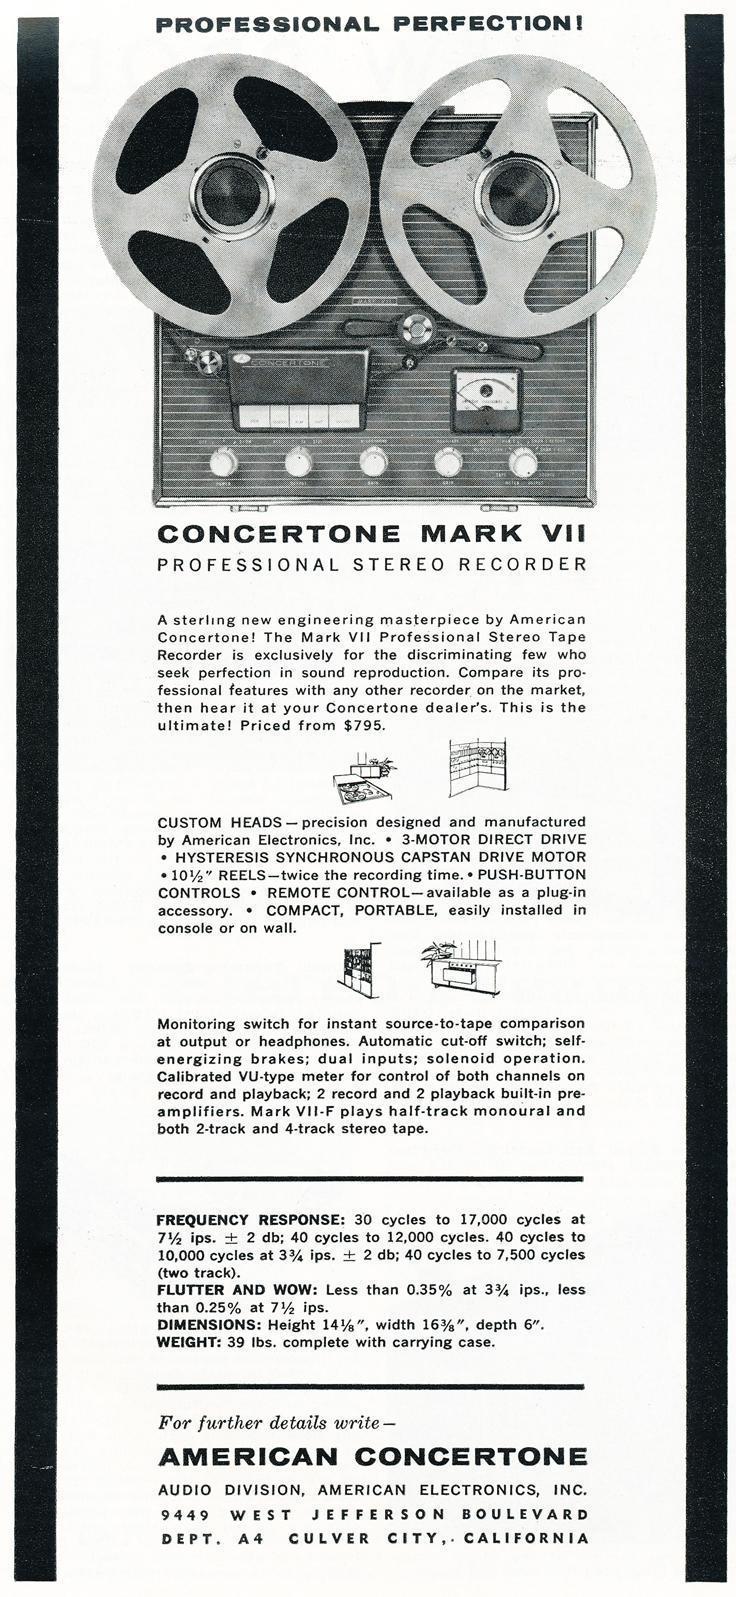 Phantom's Vintage Reel 2 Reel Tape Recorder Online Museum